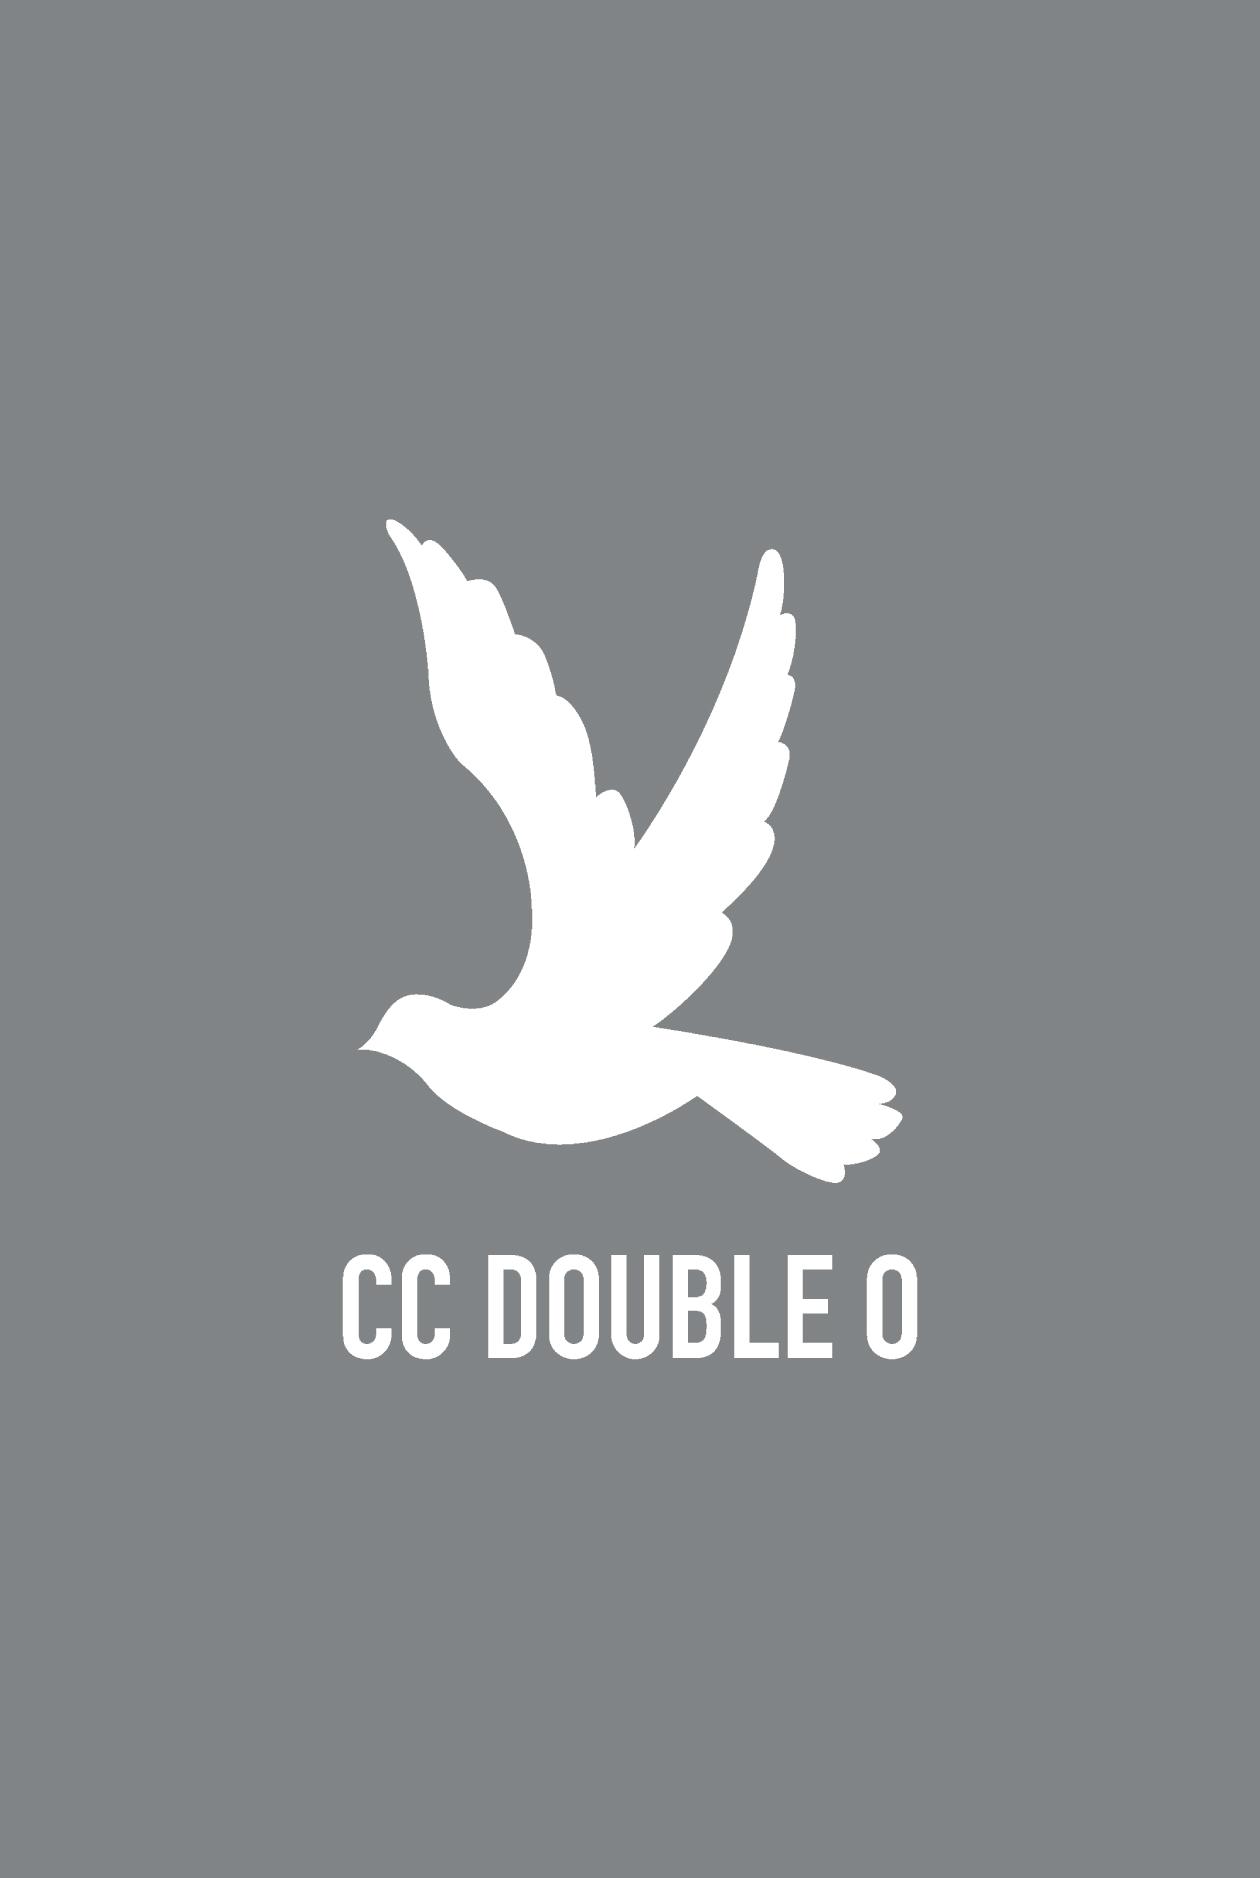 เคสมือถือหนัง CC DOUBLE O สำหรับไอโฟน 7 และ 8 พลัส